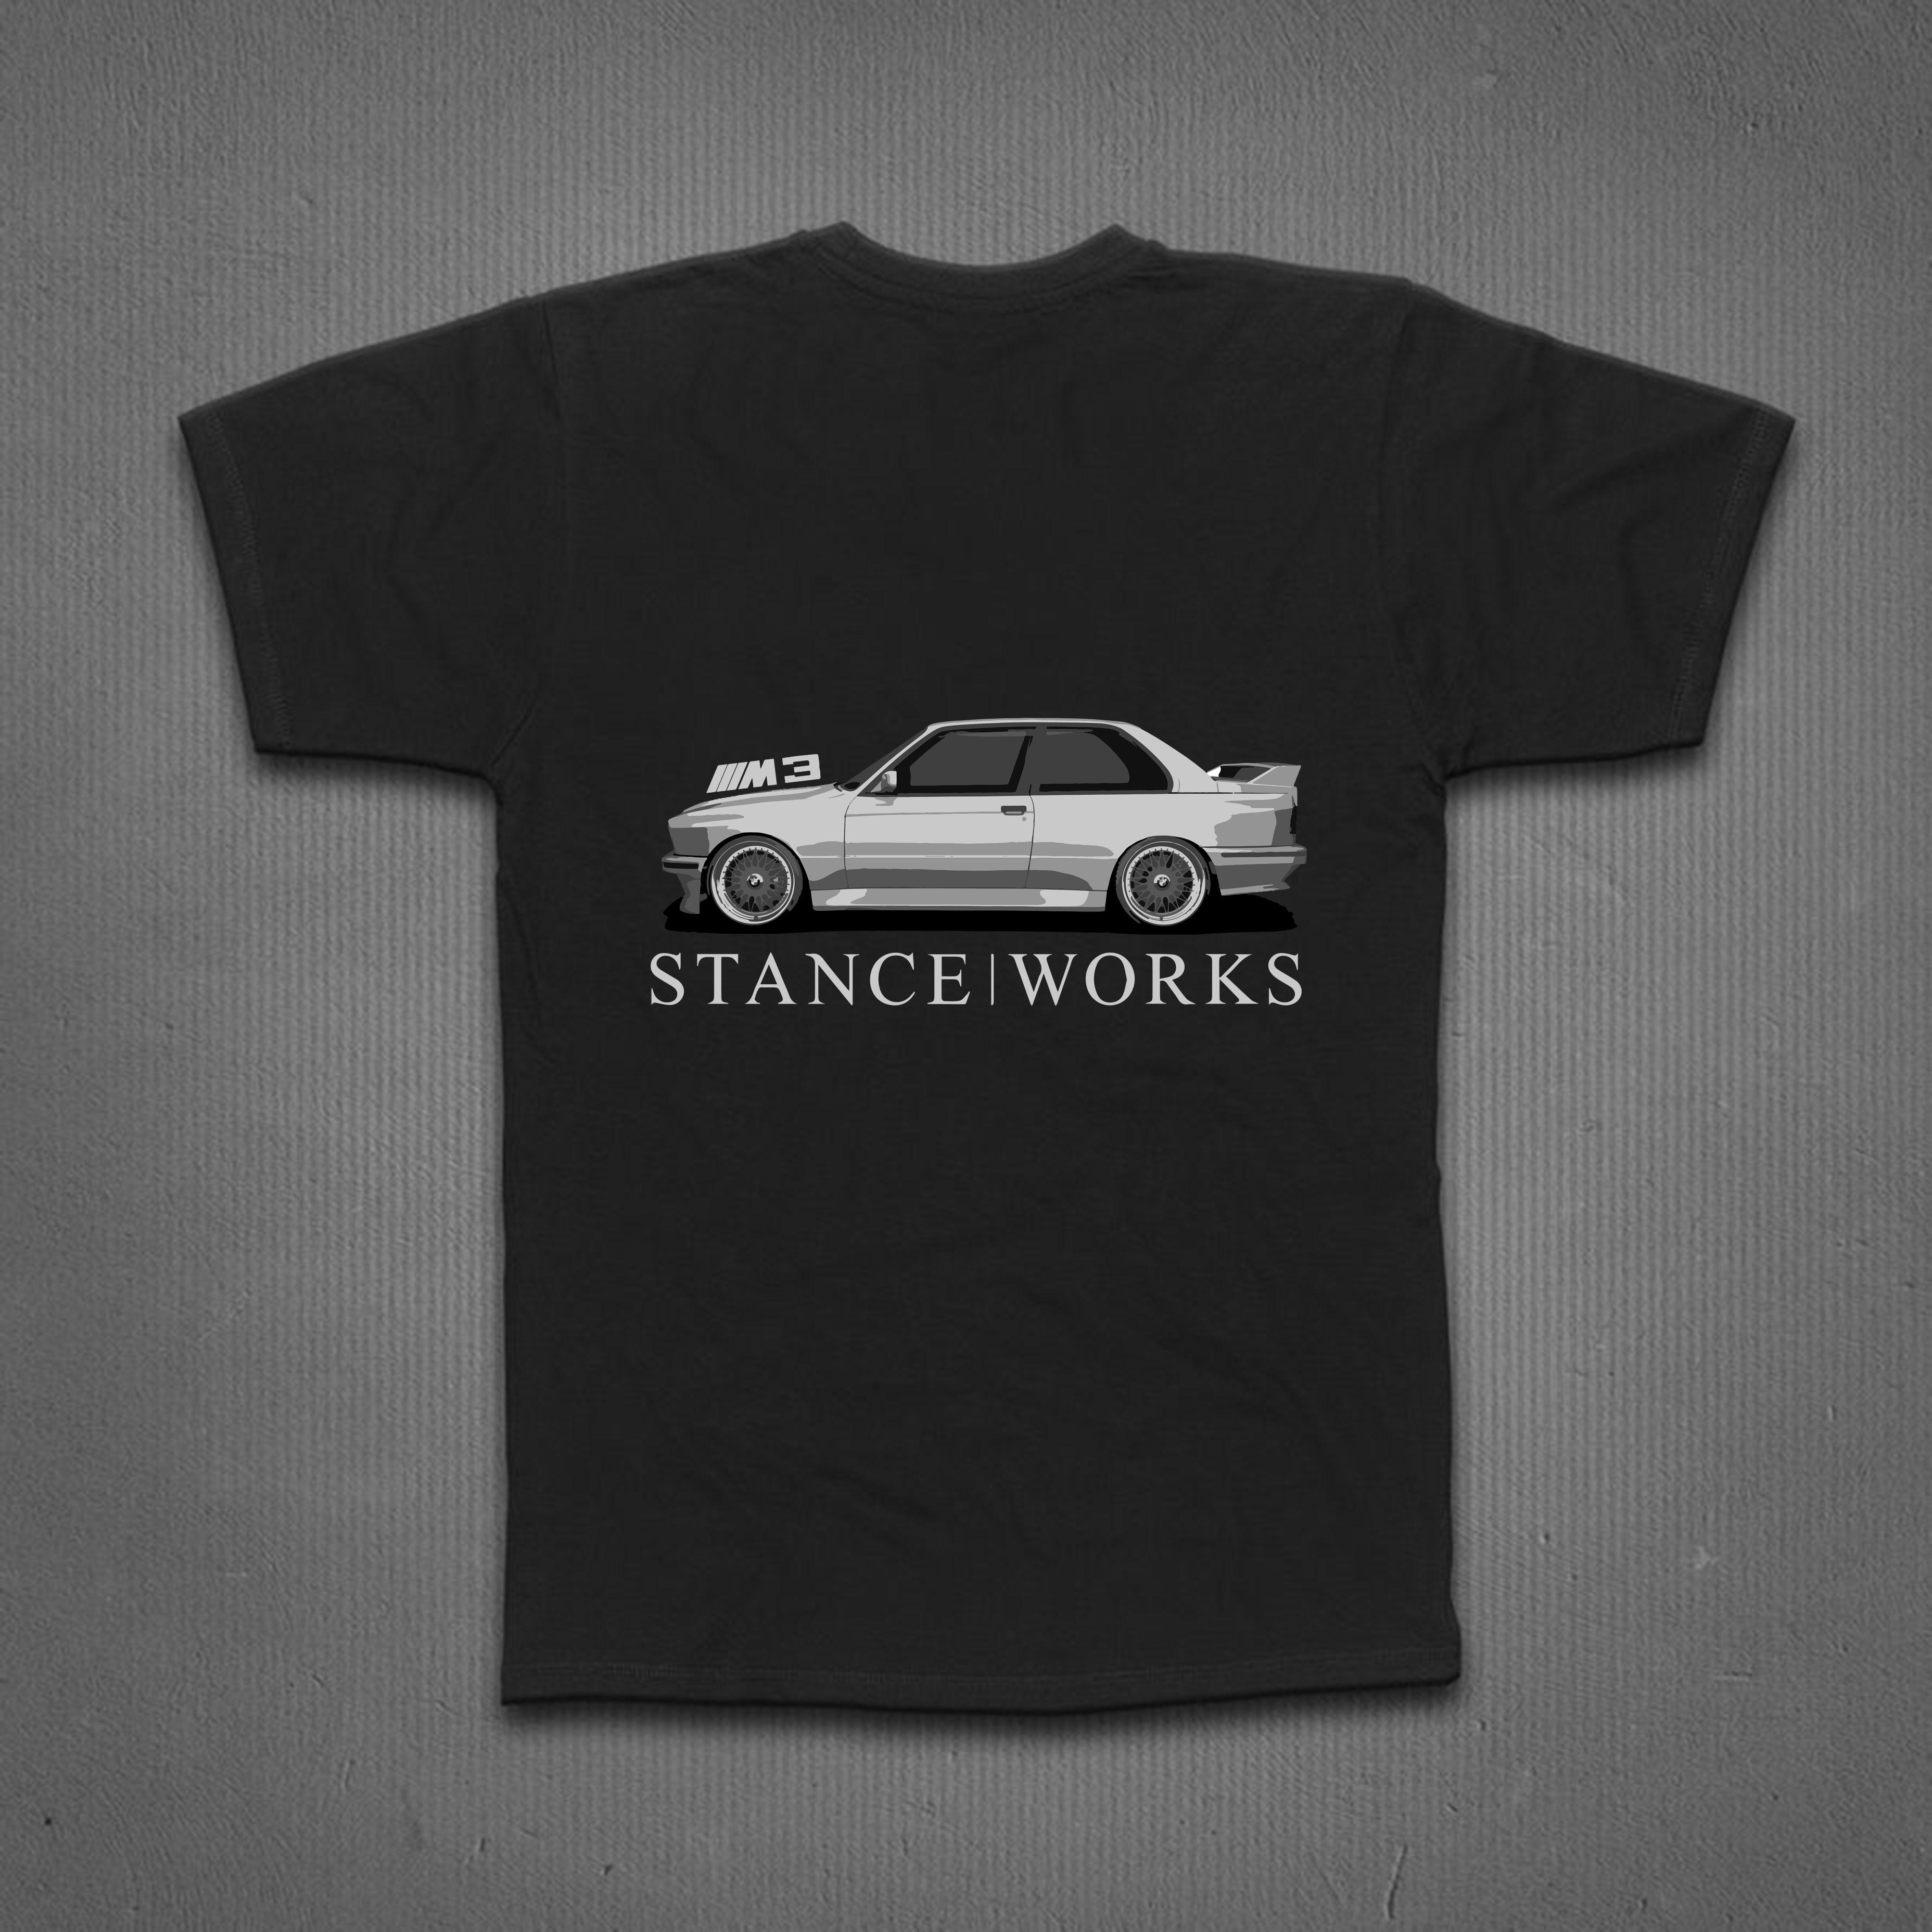 Shirt design pinterest - Bmw E30 Muhammet K Kten T Shirt Design